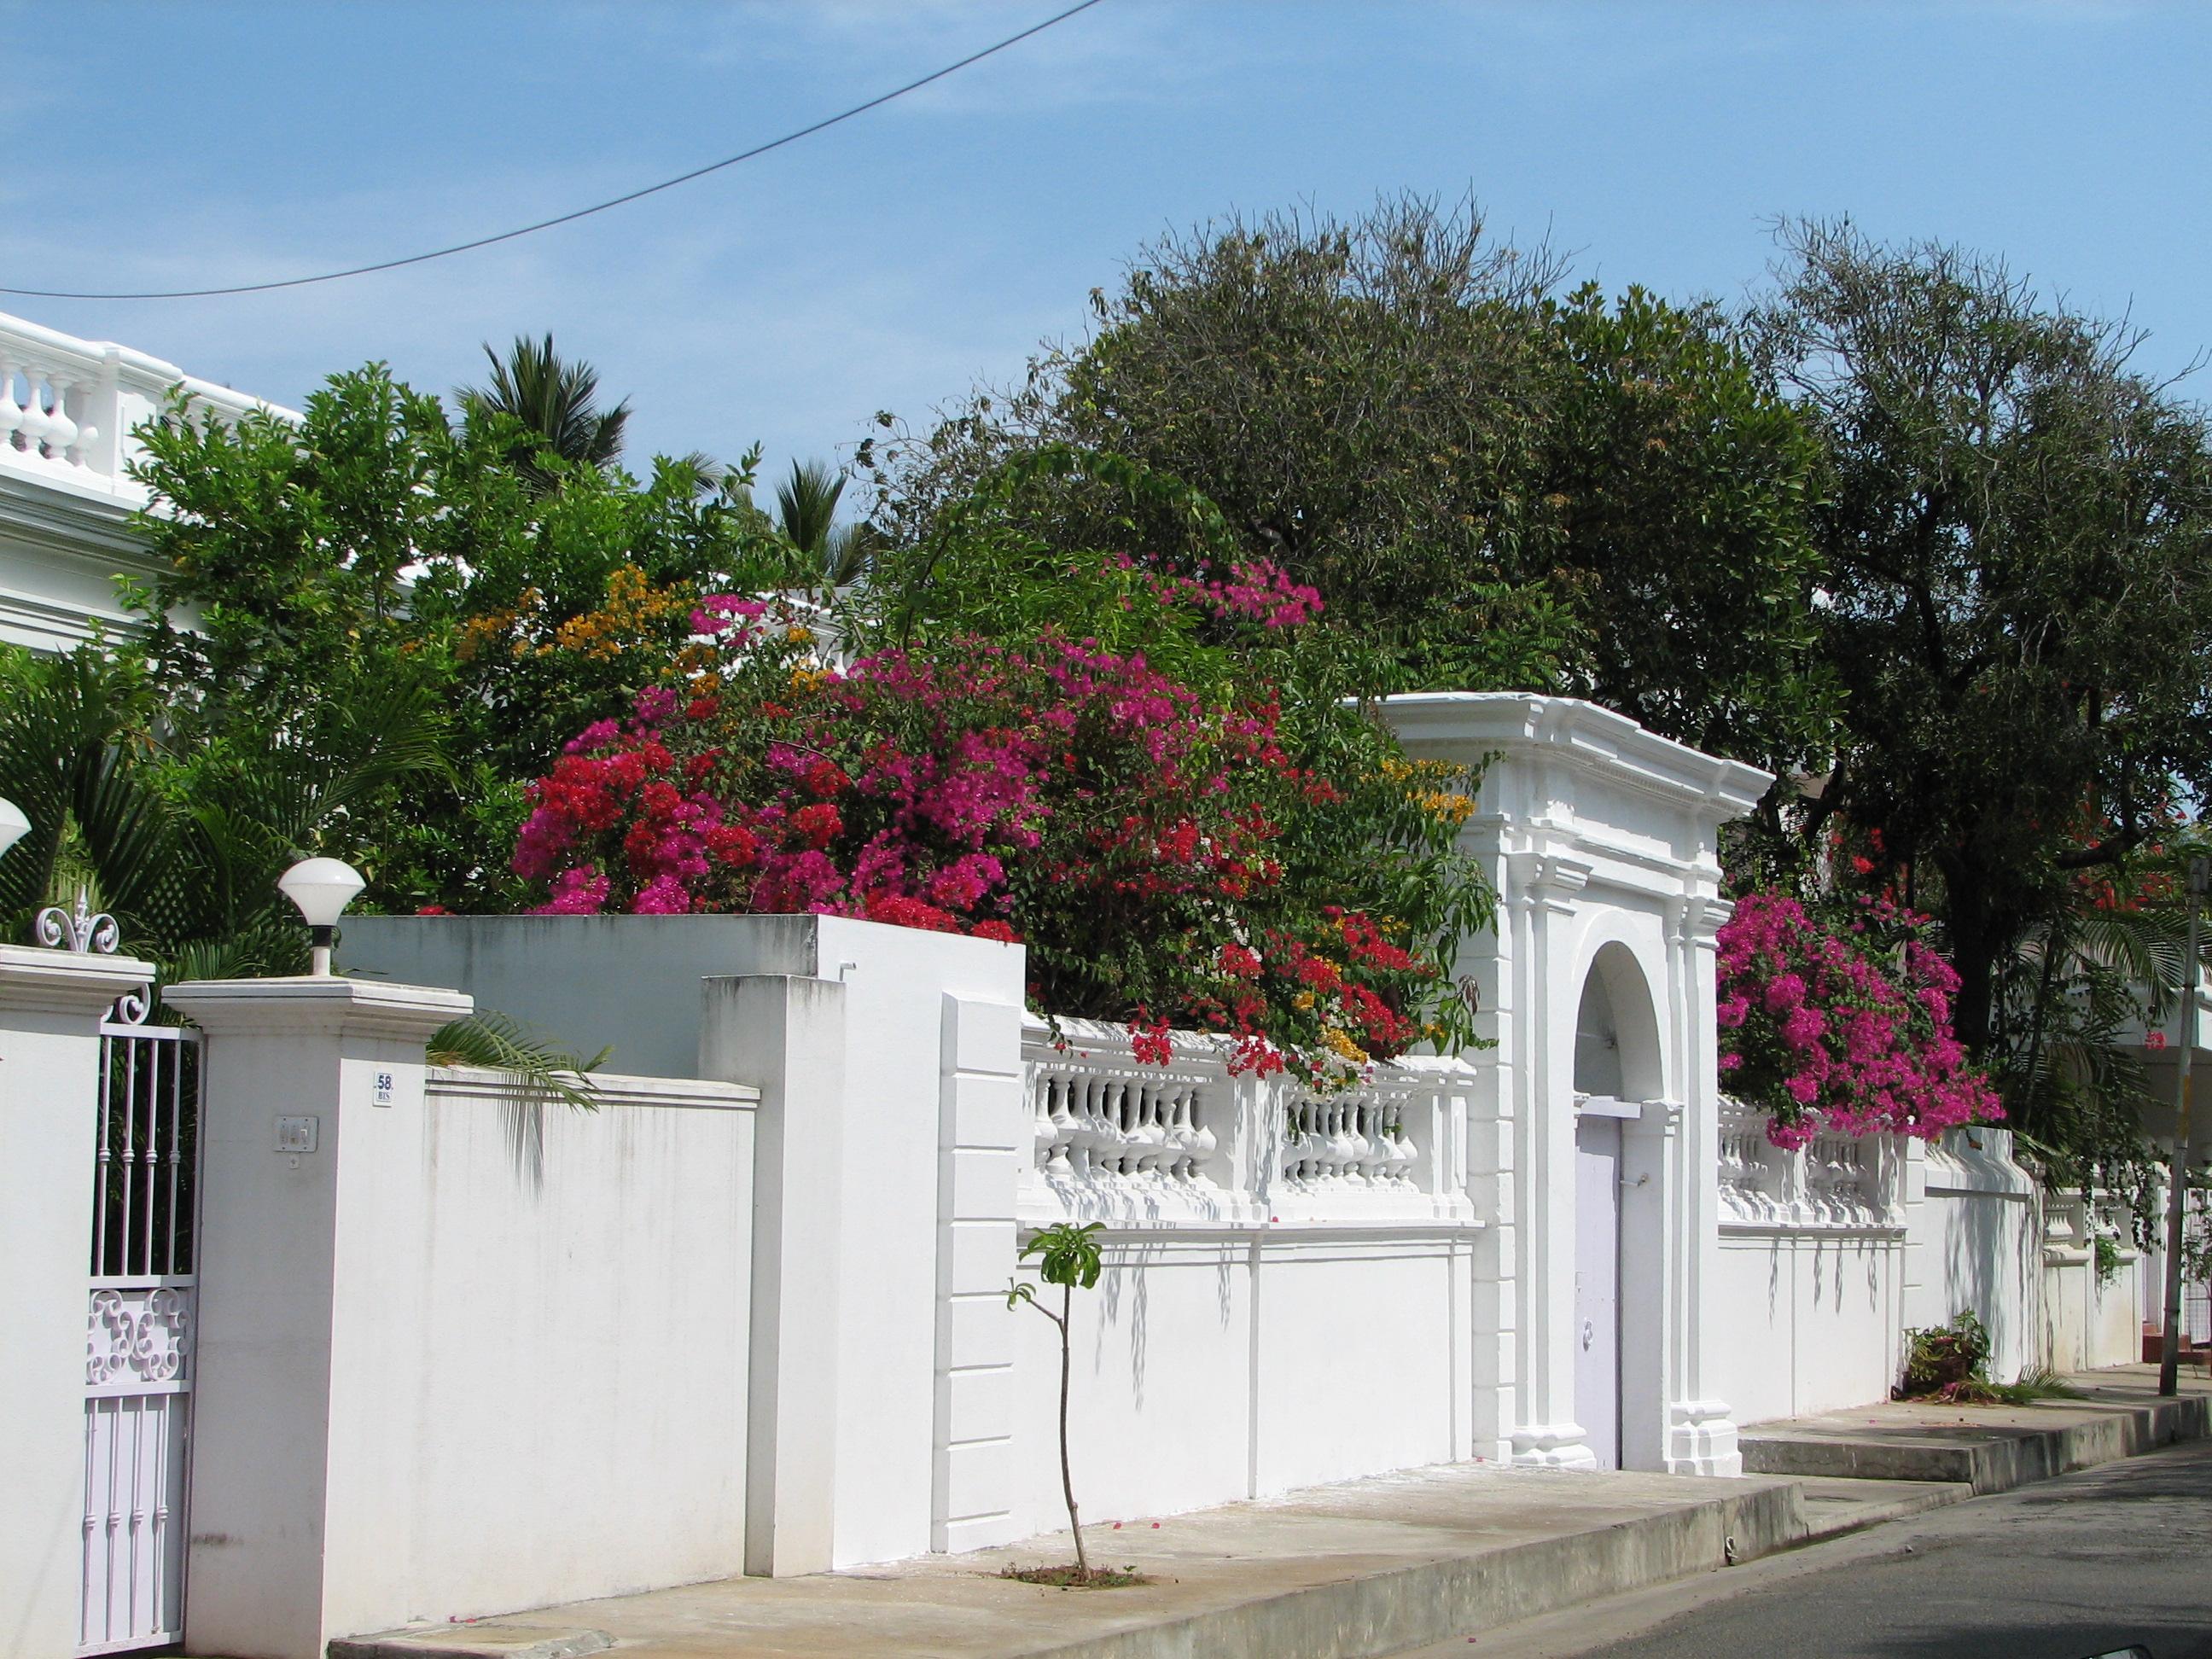 Pondichéry sites de rencontre lignes de rencontre de téléphone gratuit